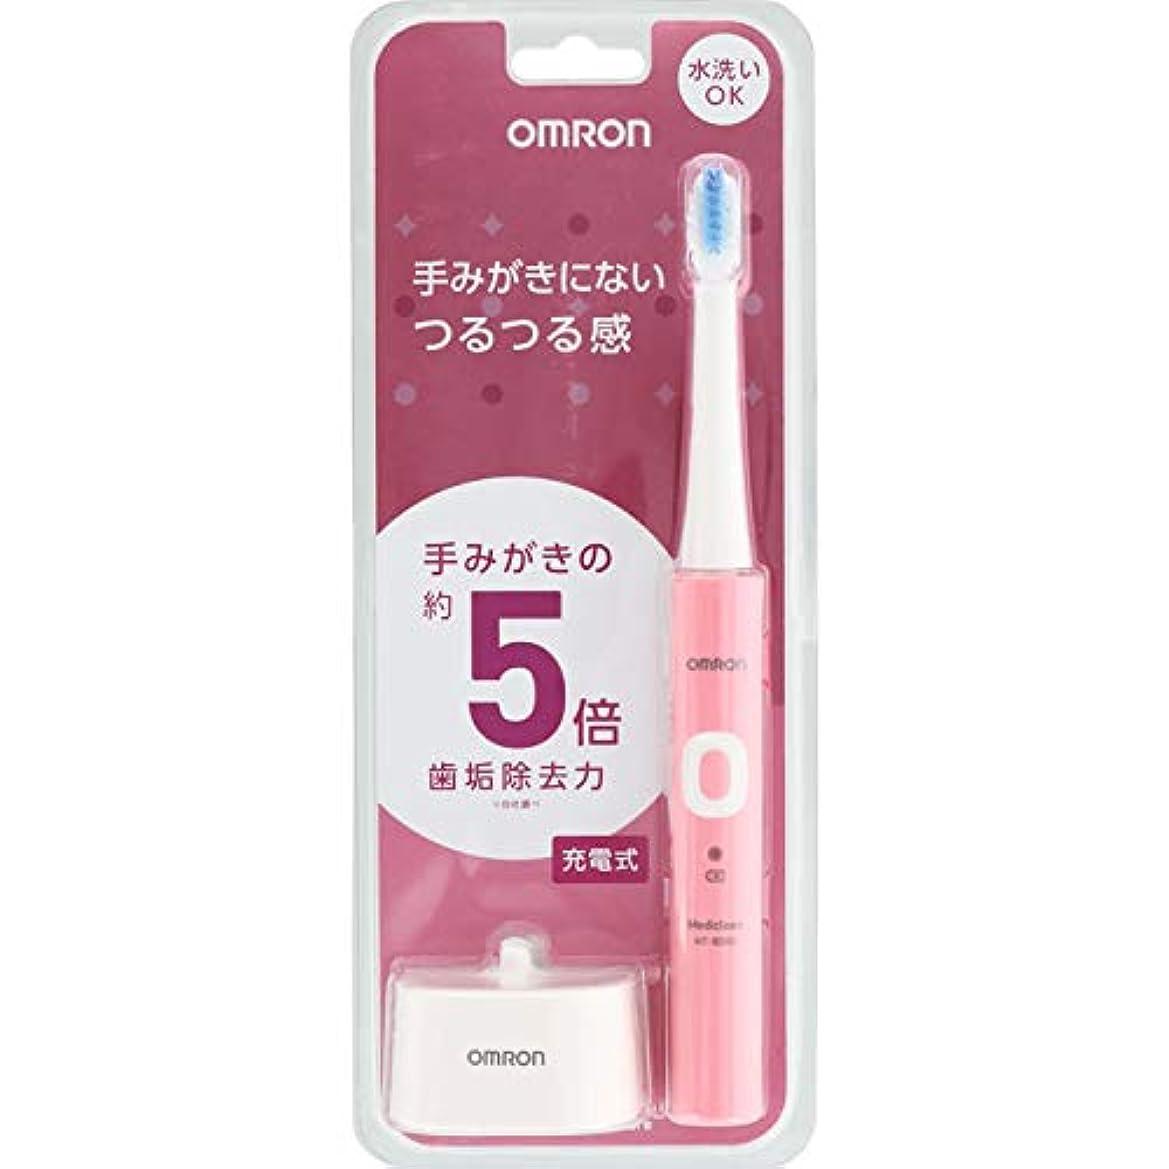 発表小売貧困【8個セット】音波式電動歯ブラシ HT-B303-PK 充電式